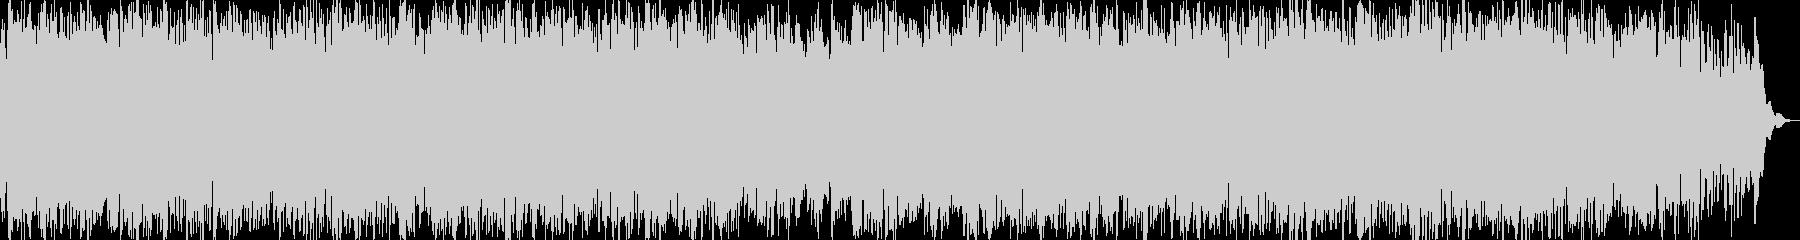 繰り返しのリラクゼーションミュージックの未再生の波形